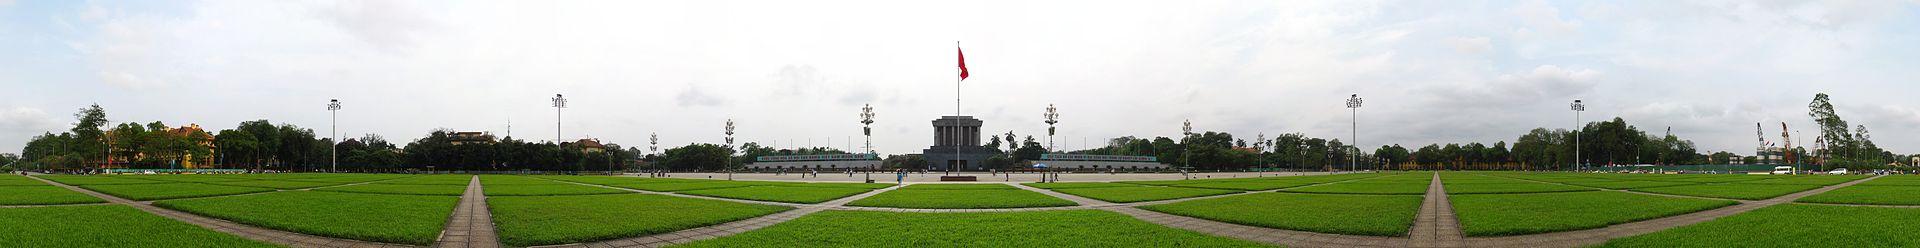 Dịch vụ chuyển hàng nhanh uy tín từ quận Ba Đình - EMS Việt Nam